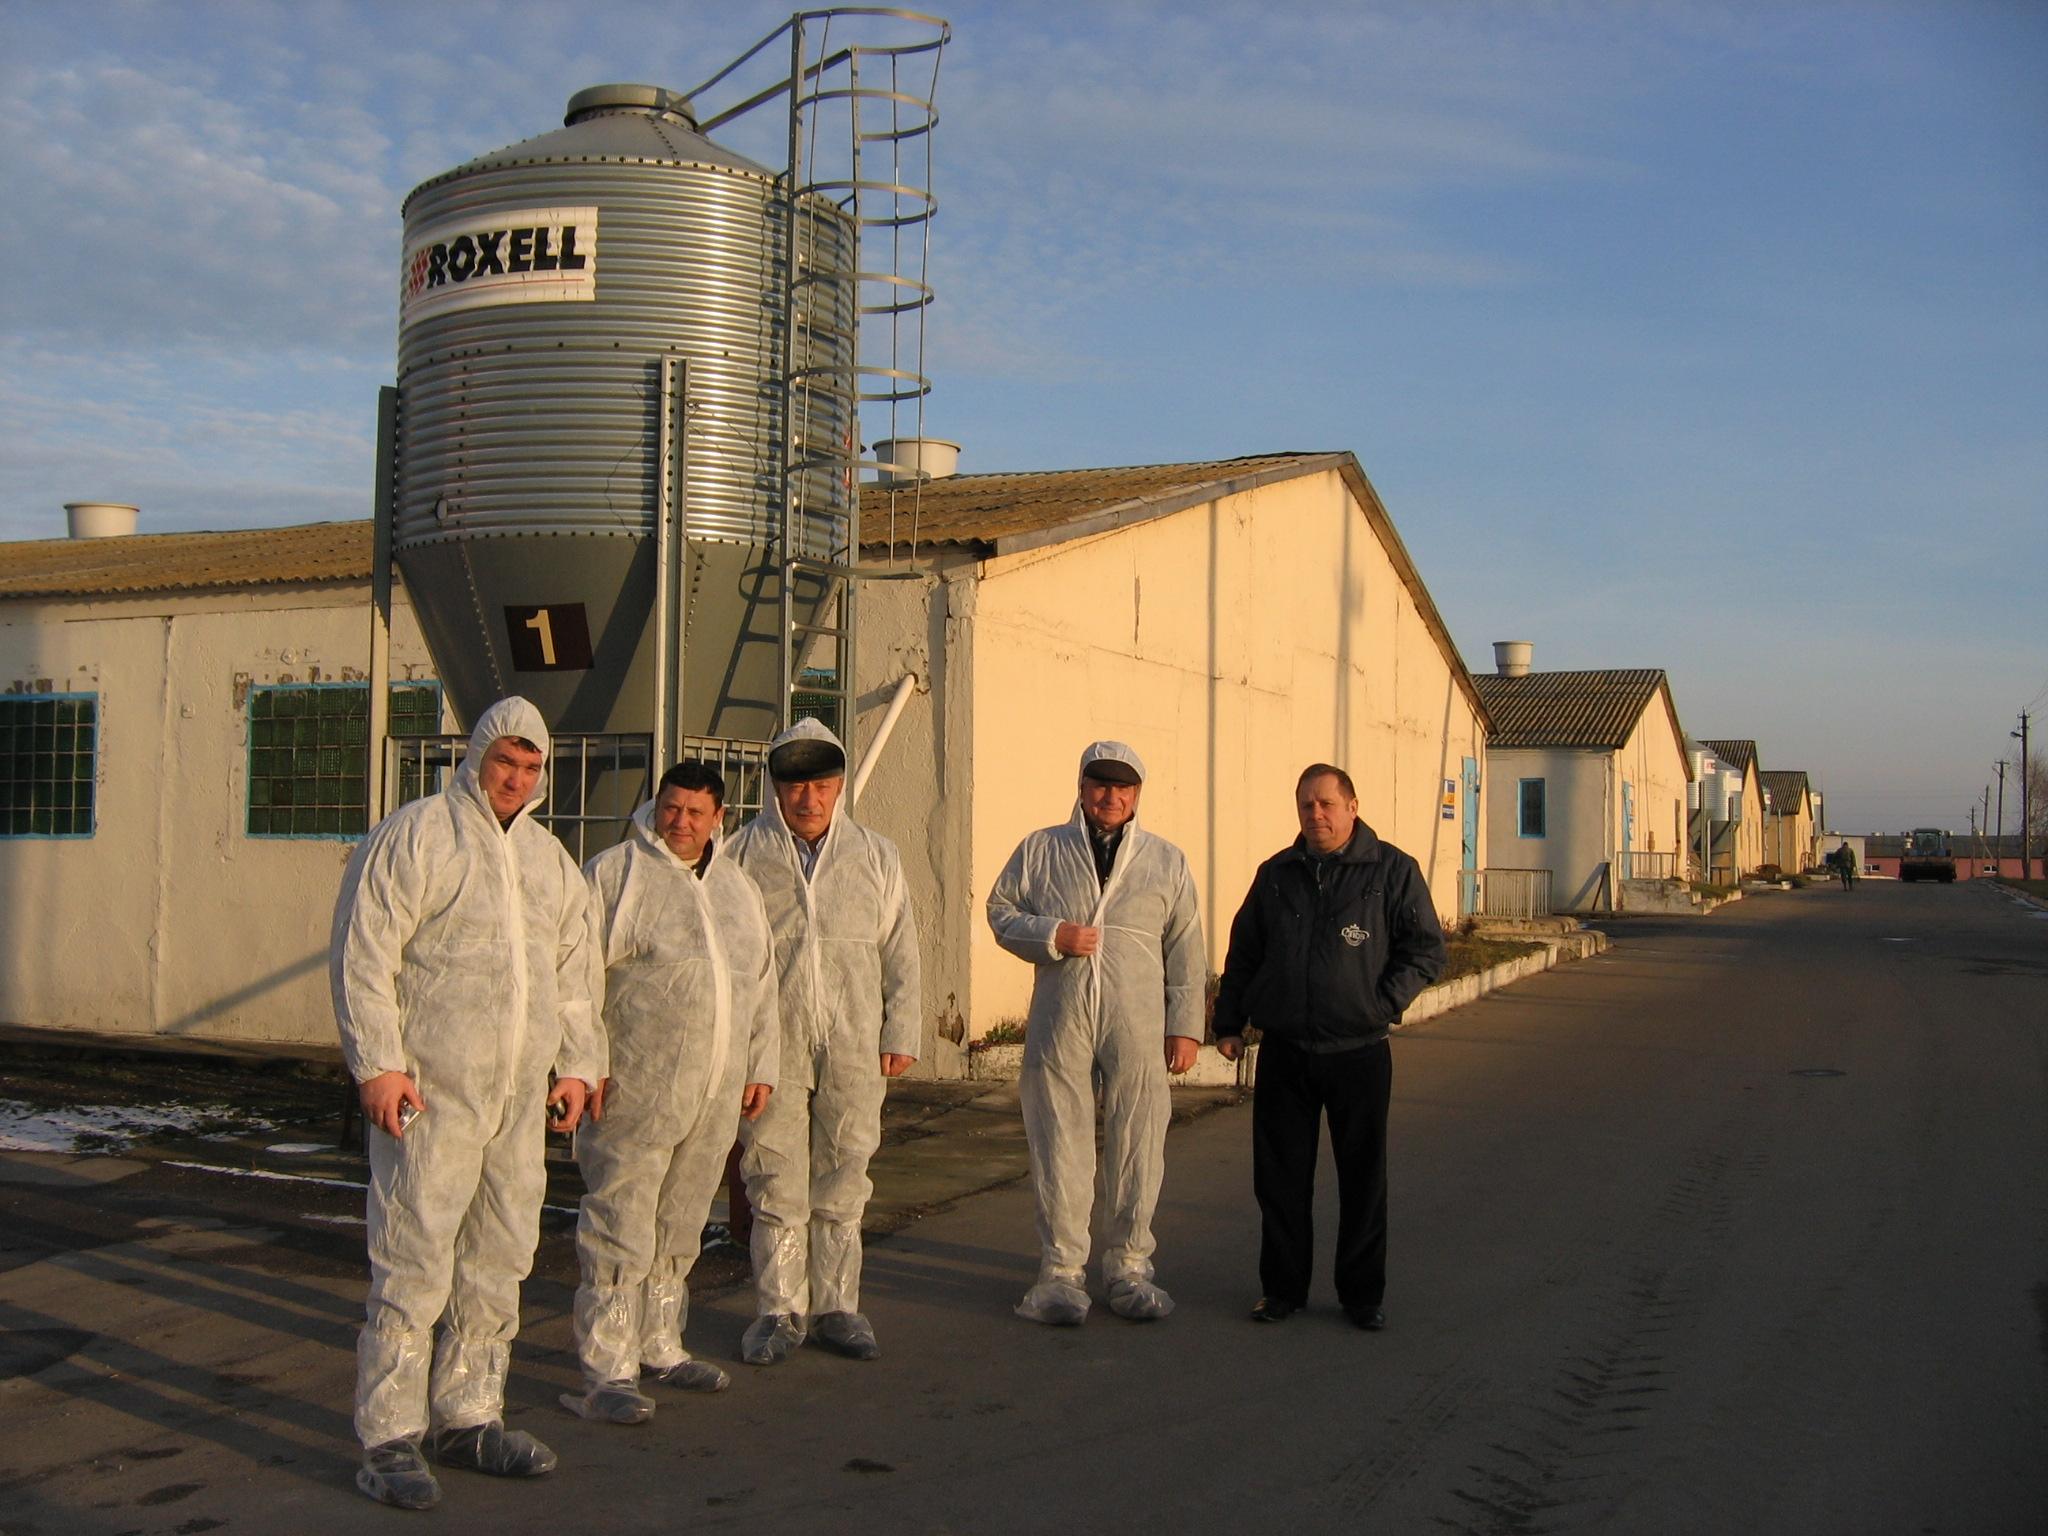 Агрокомбинат Снов, модернизация помещений для доращивания поросят, откорма свиней, содержания подсосных свиноматок